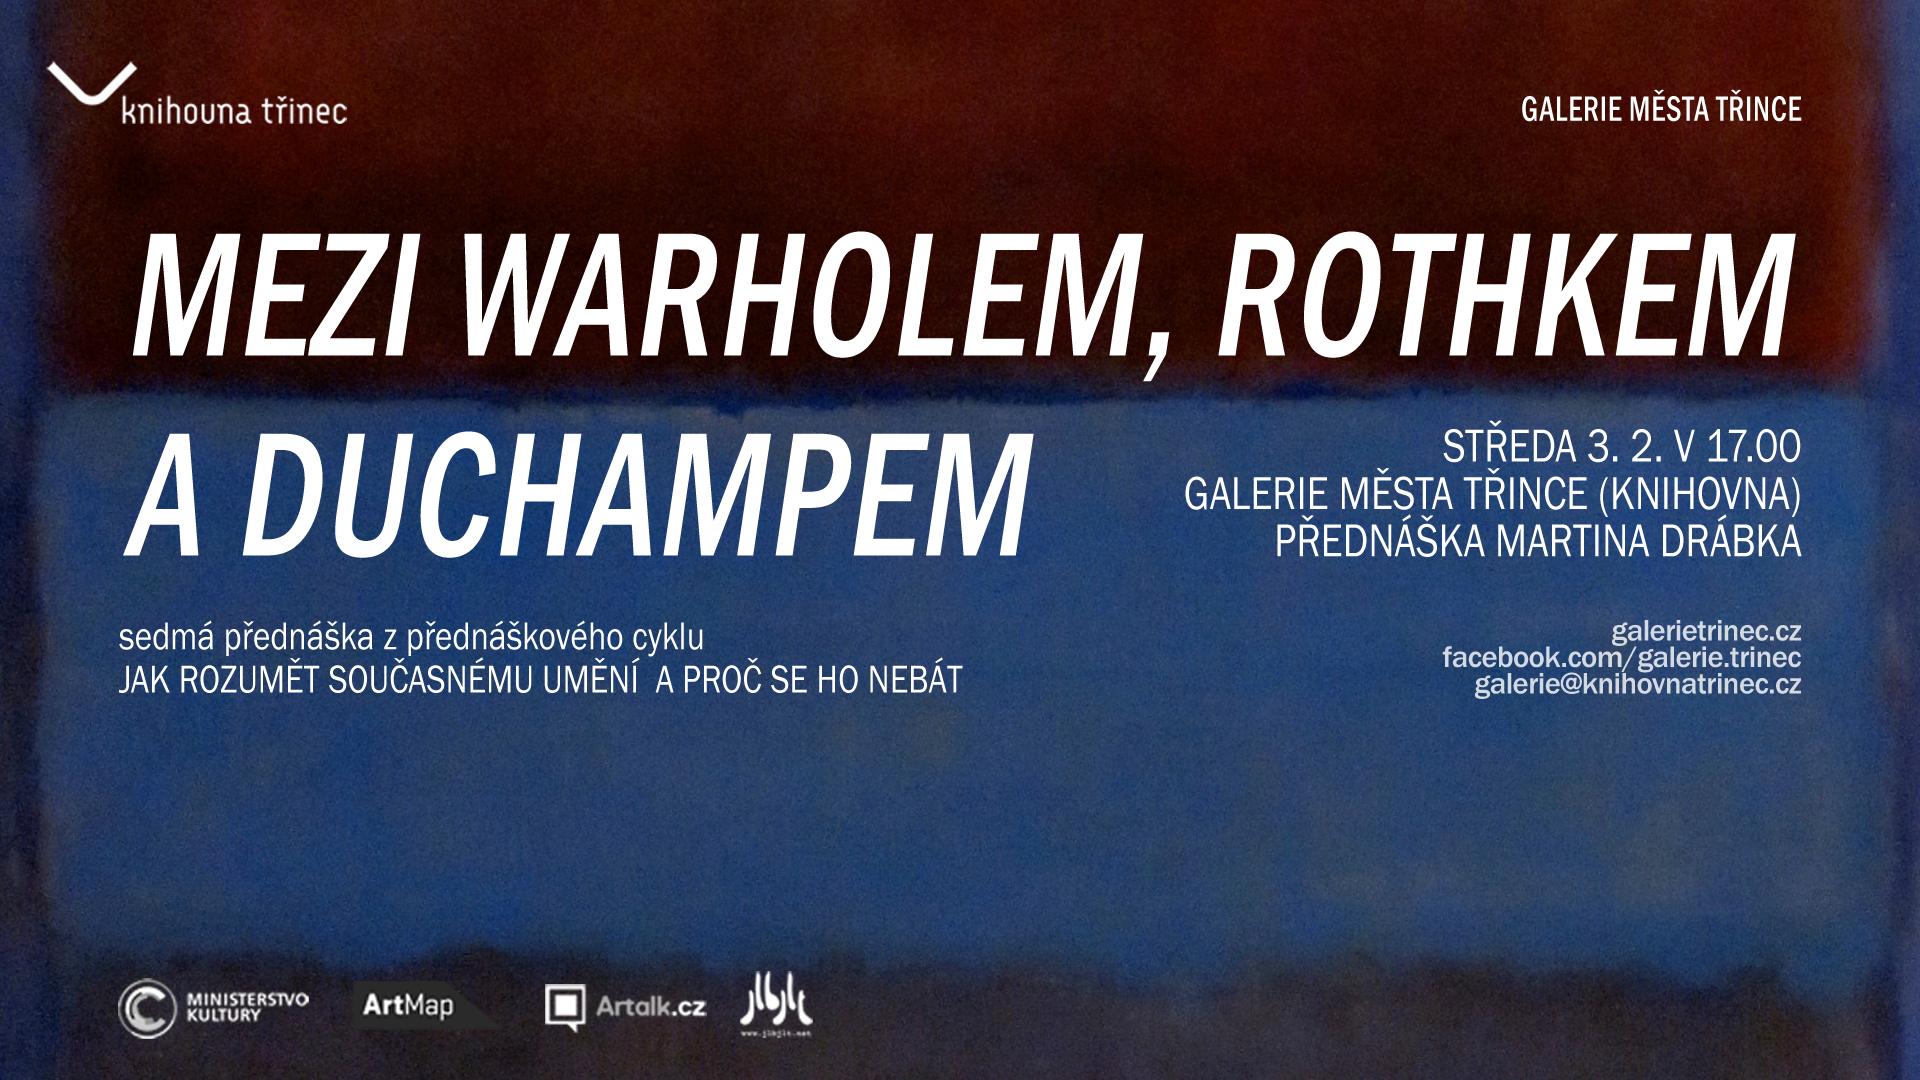 Přednáška Mezi Warholem, Rothkem a Duchampem